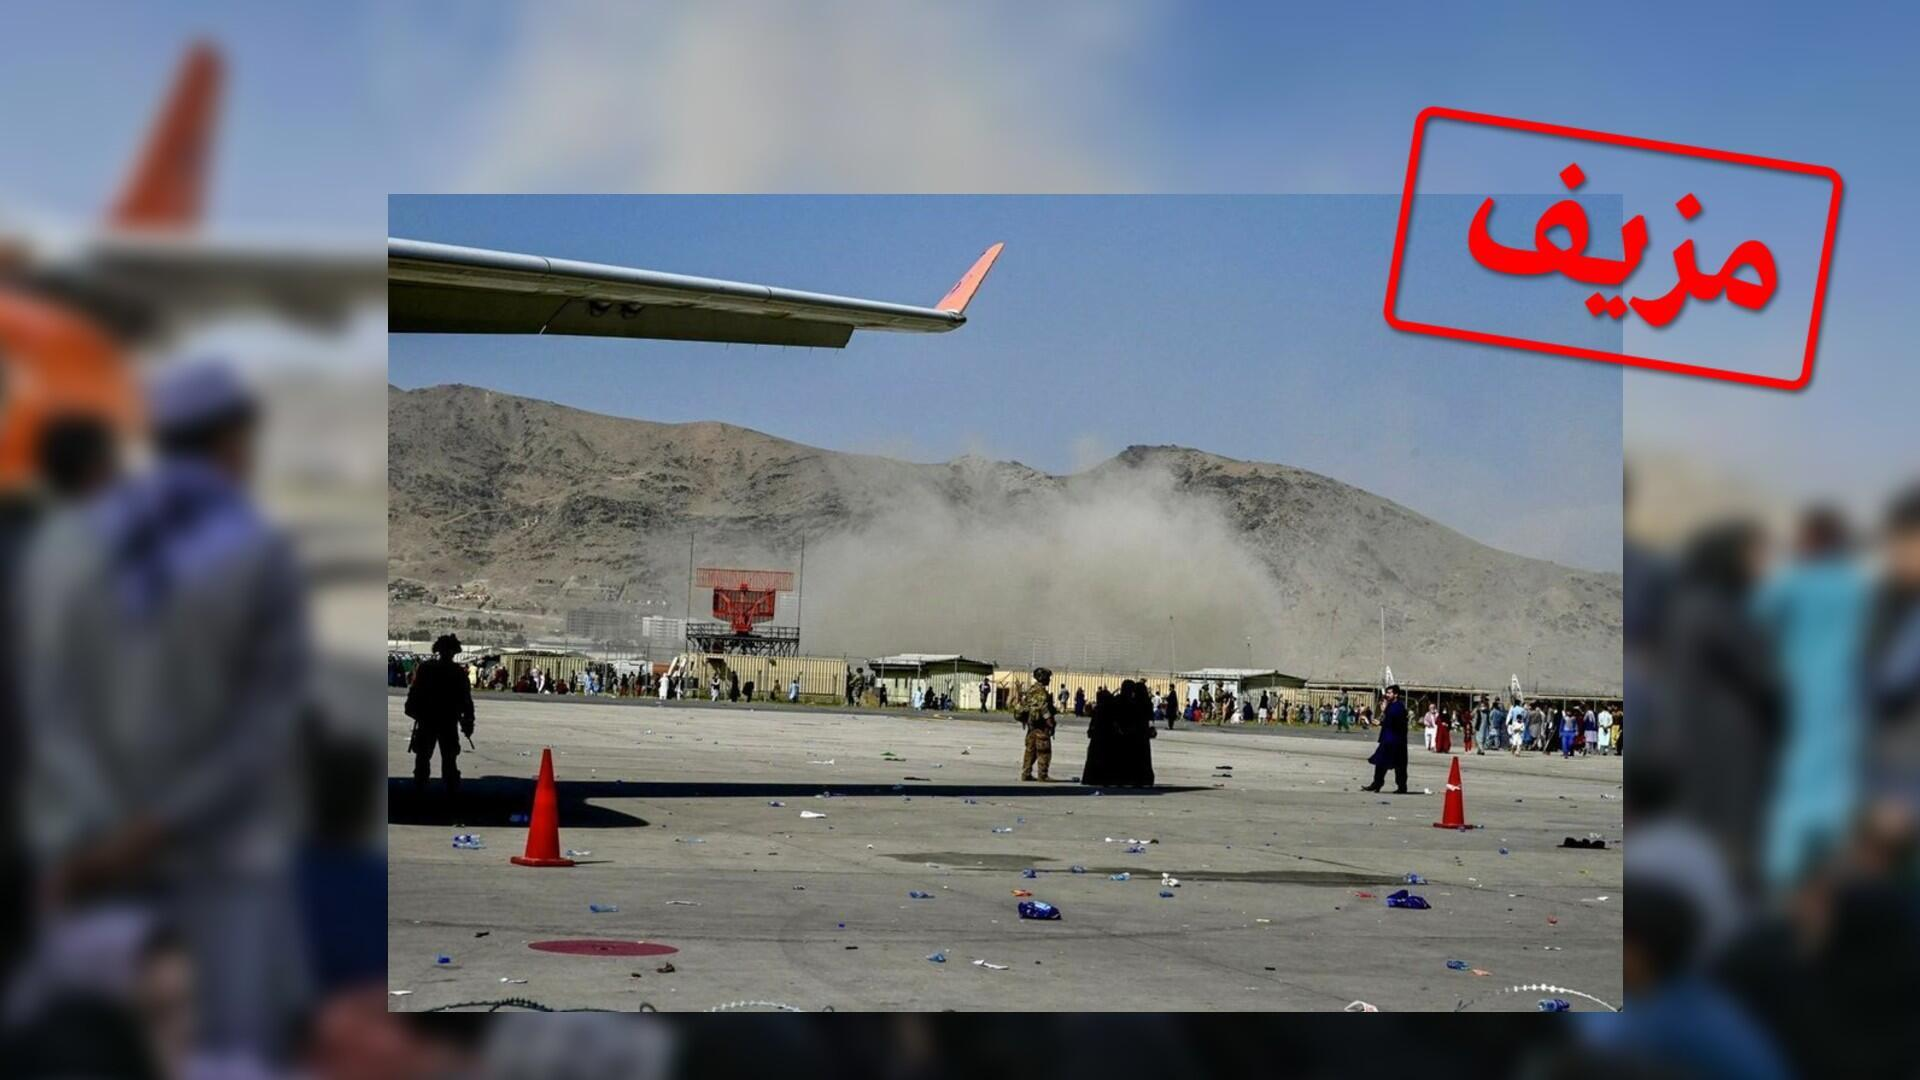 تم تقديم عدة صور ومقاطع فيديو بشكل خاطئ على أنها تظهر هجمات قرب مطار كابول.